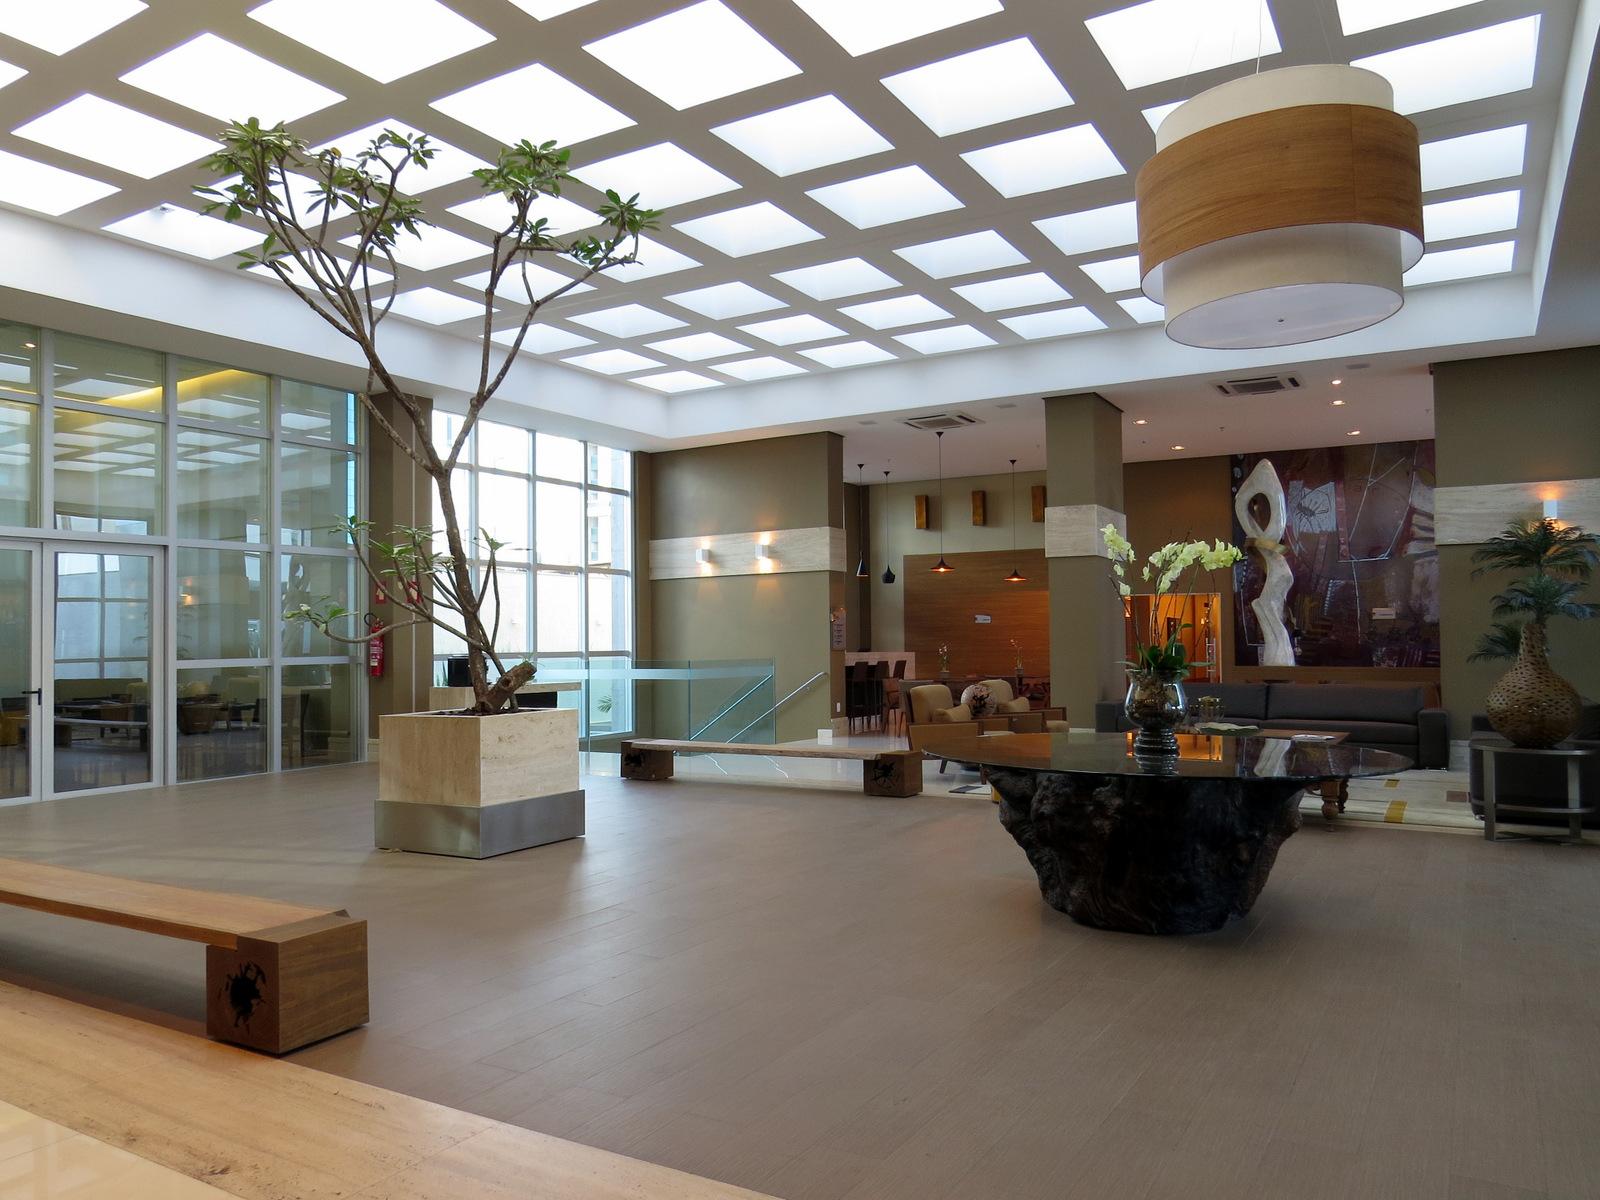 Blue Tree Premium Jade Brasilia: novo hotel de luxo na Capital Federal  #5F4832 1600x1200 Balança Digital Banheiro Como Regular